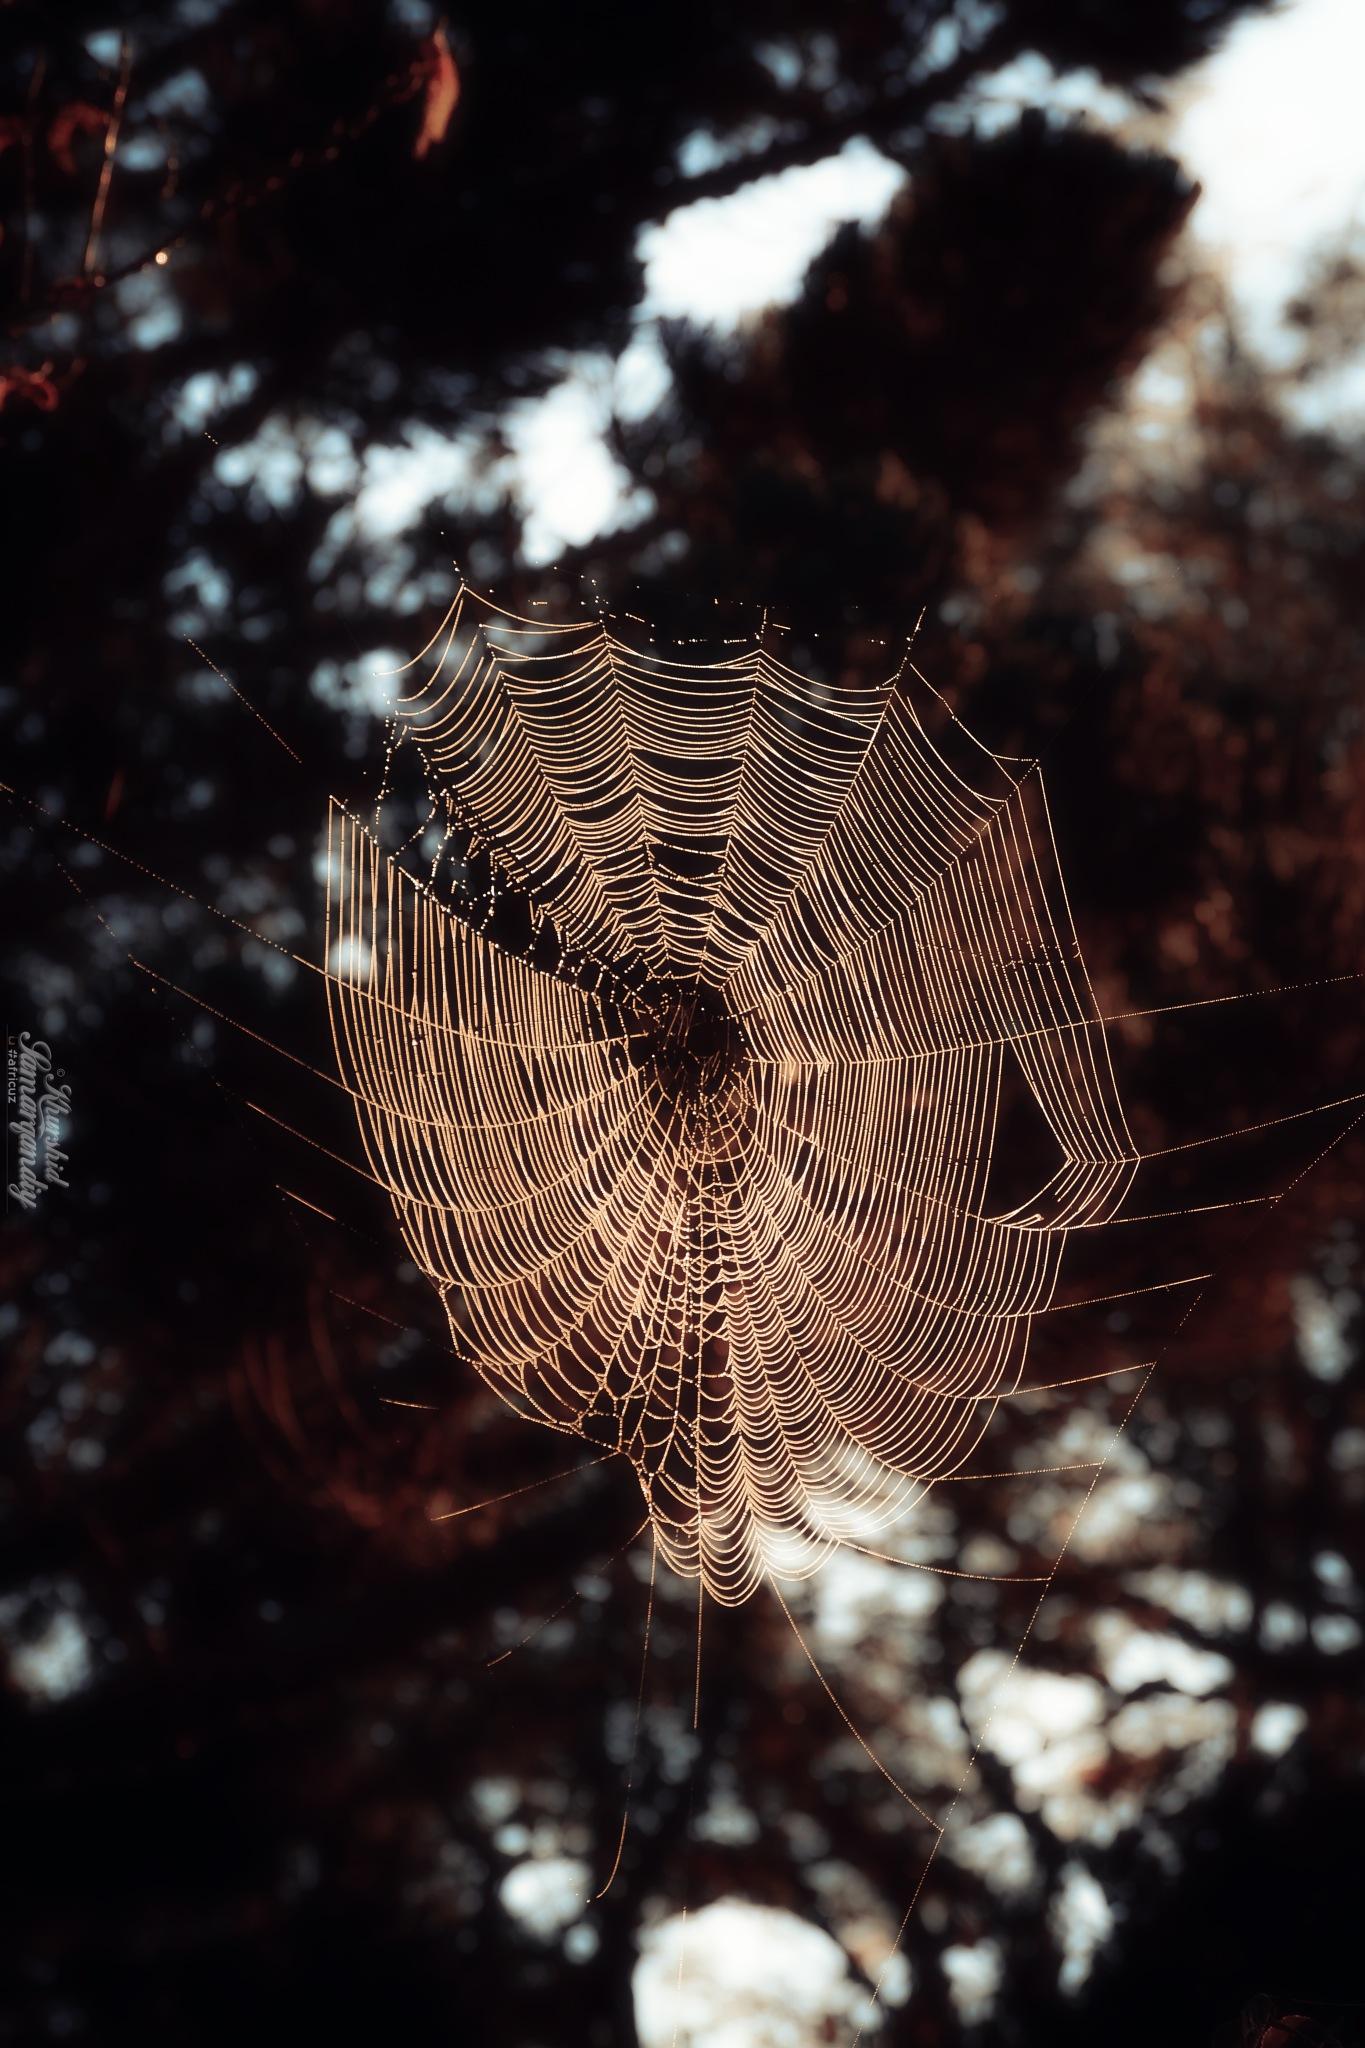 Spider Web by Khurshid Samarqandiy (Dustmurodov)